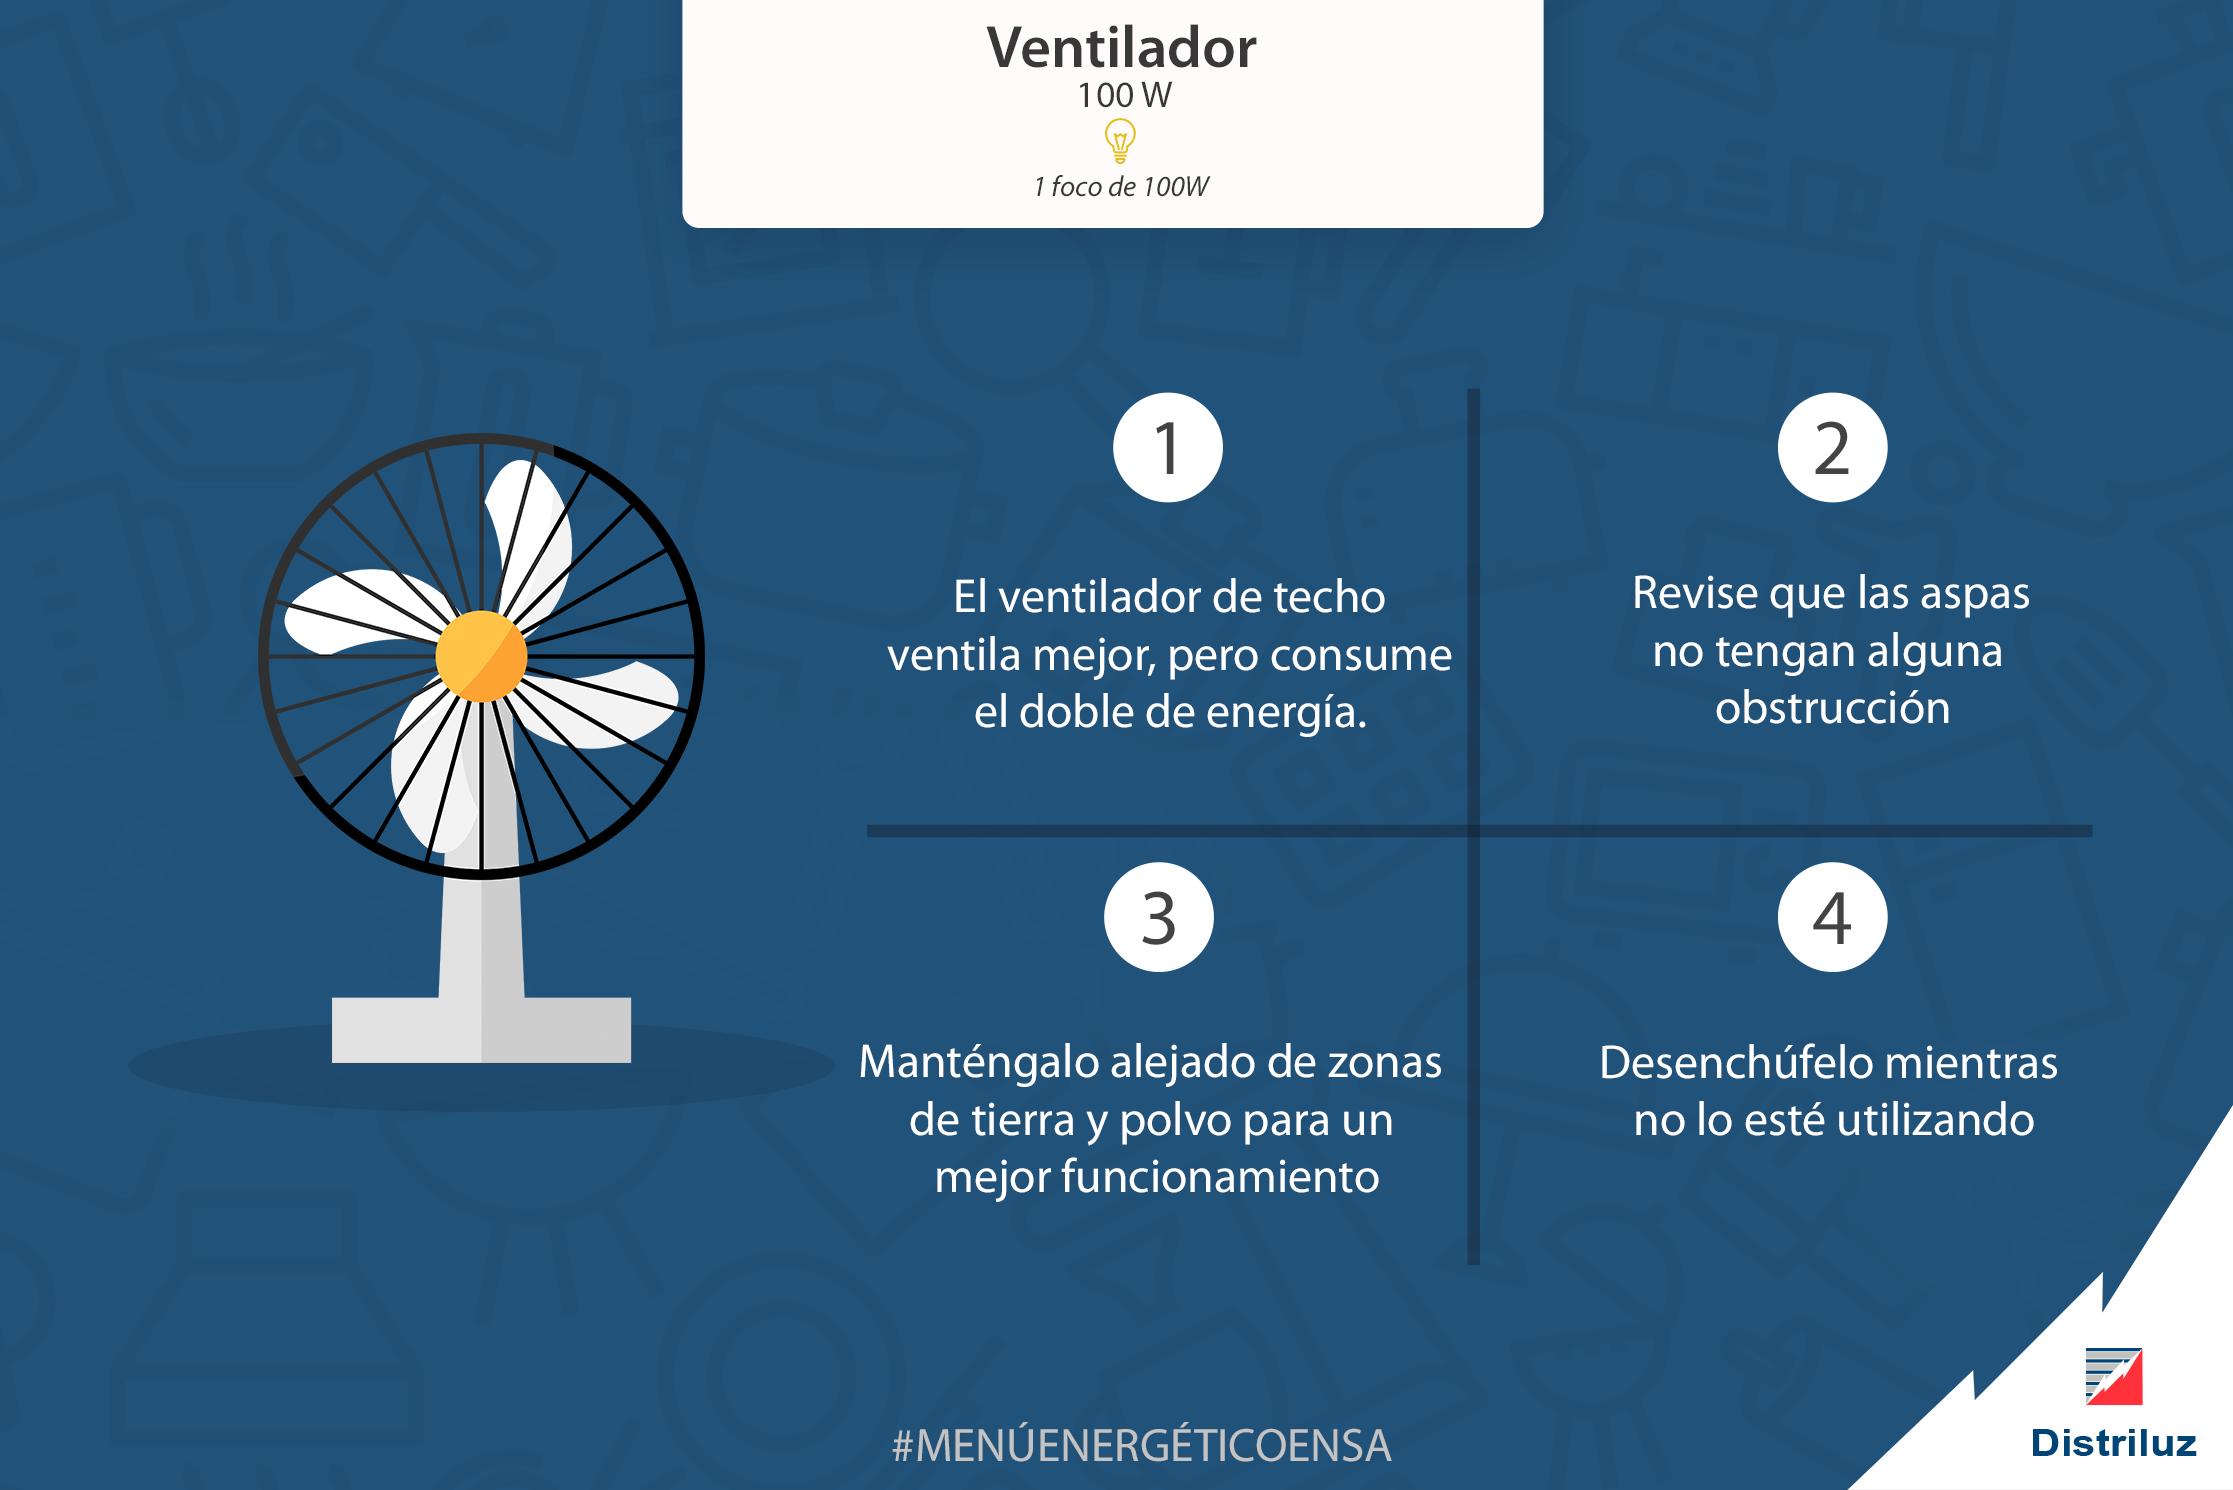 Conoce Cuanta Energia Consume Tu Ventilador Y Aprende Cuatro Tips De Ahorro Para Tu Hogar Menuenergeticoensa Ahorro De Energia Ventiladores De Techo Energia